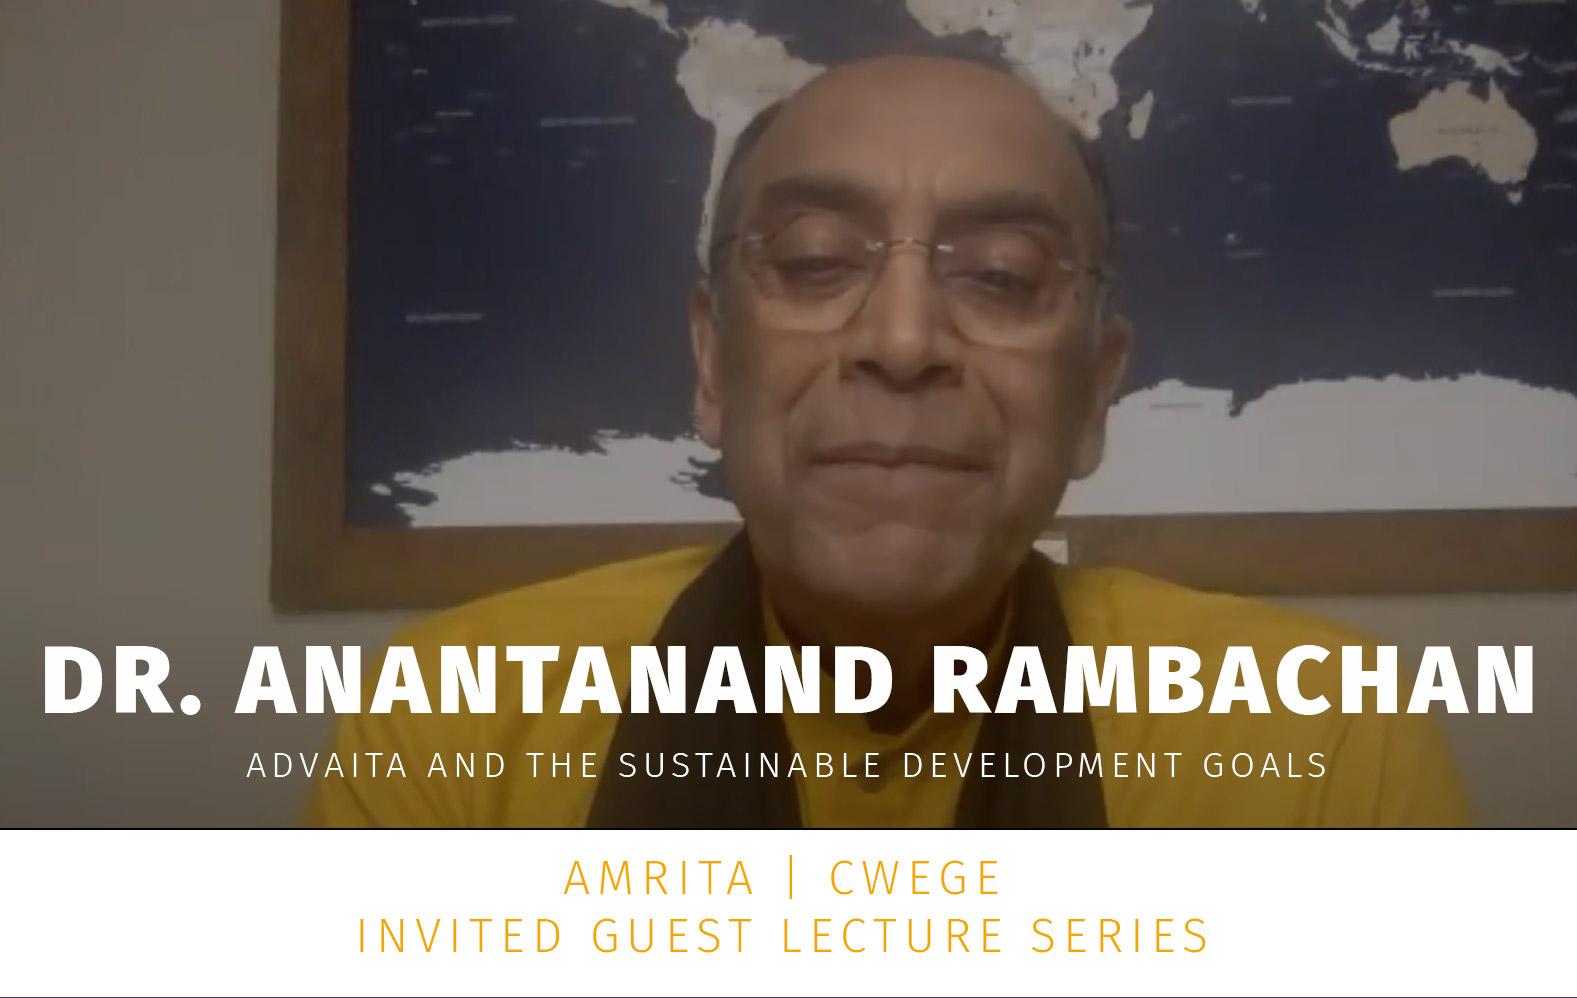 Dr. Anantanand Rambachan